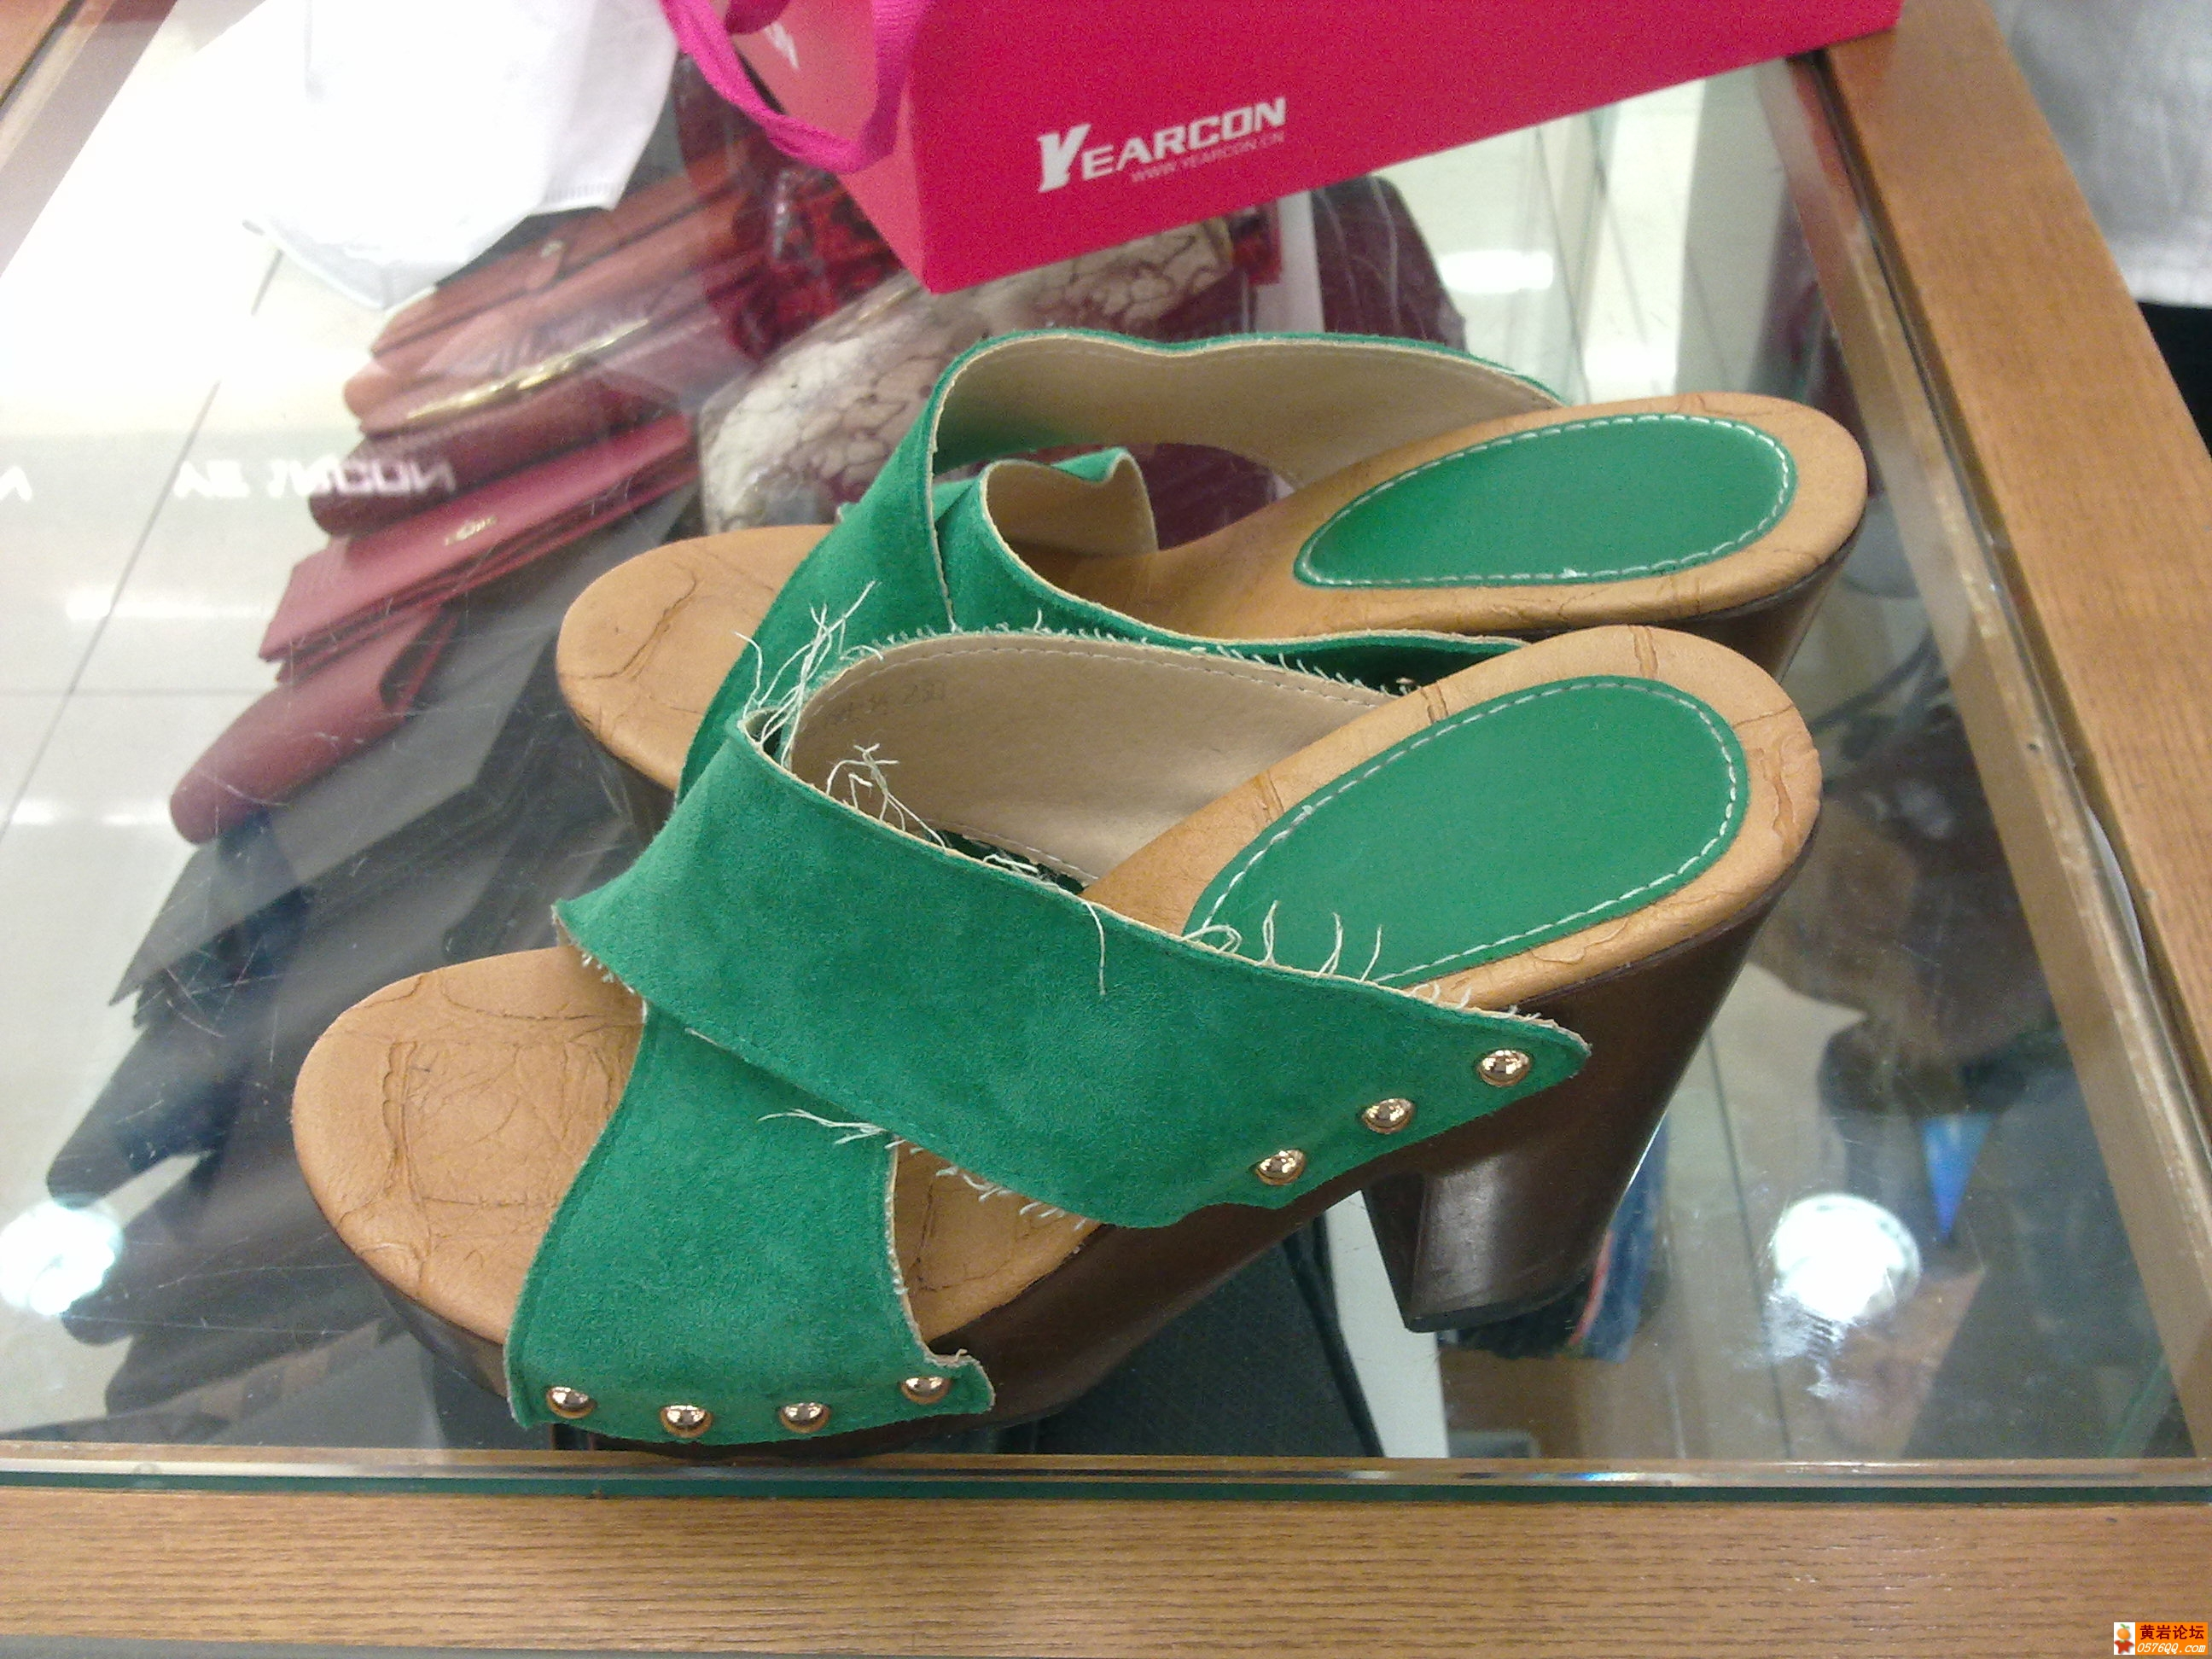 坑人的黄岩意尔康鞋子,鞋子差也就算,服务态度更差,不敢买了 高清图片